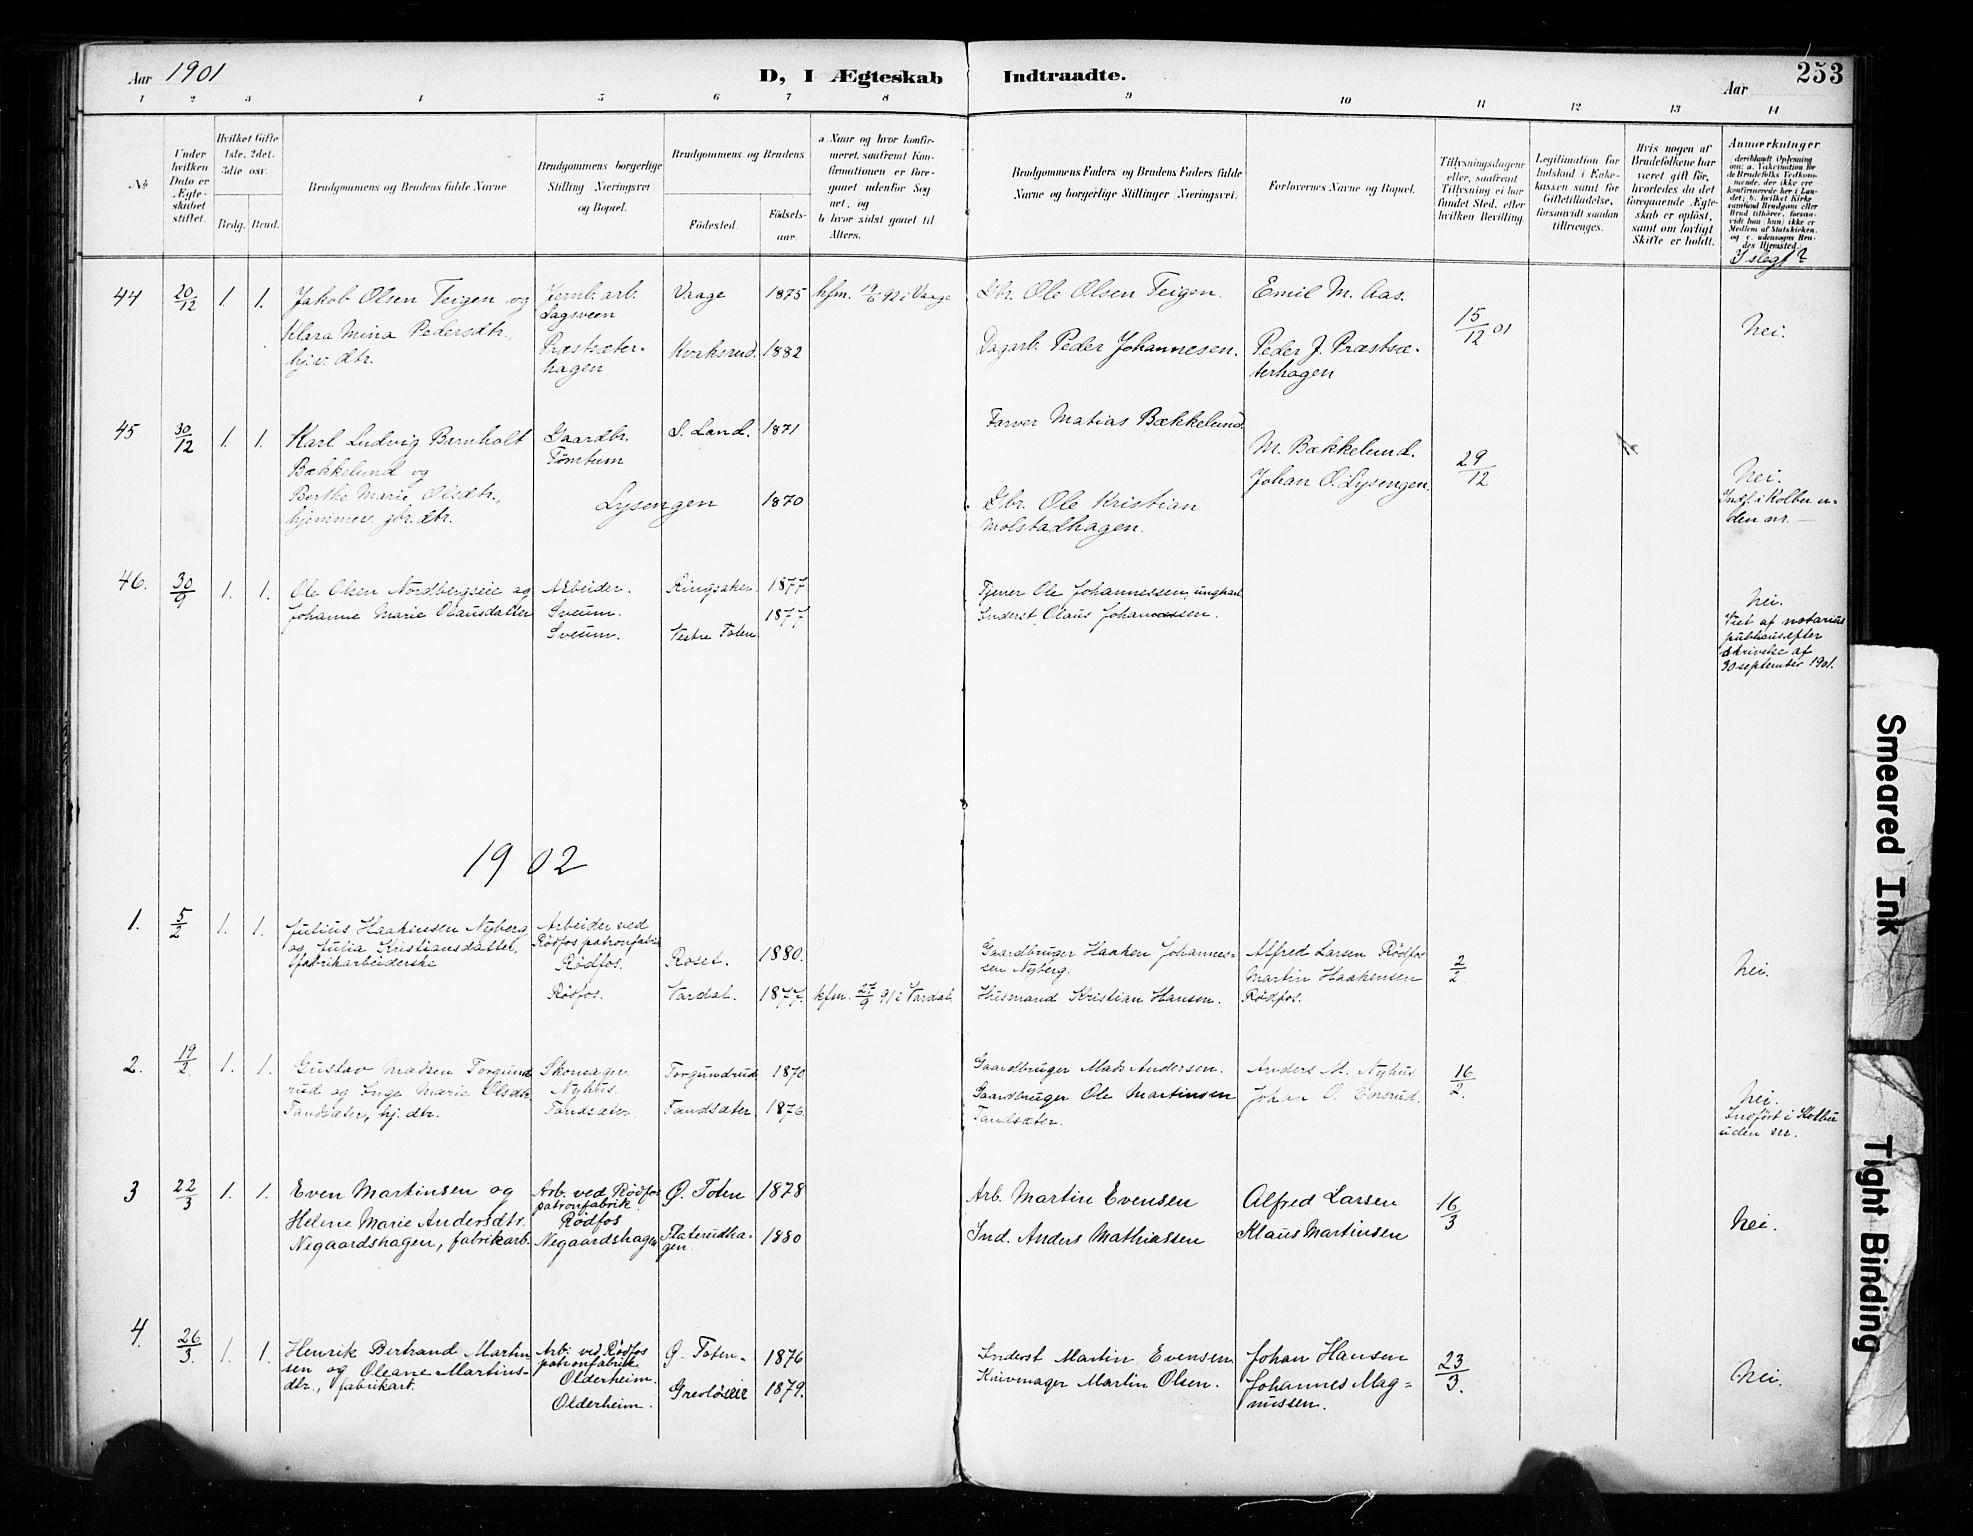 SAH, Vestre Toten prestekontor, Ministerialbok nr. 11, 1895-1906, s. 253